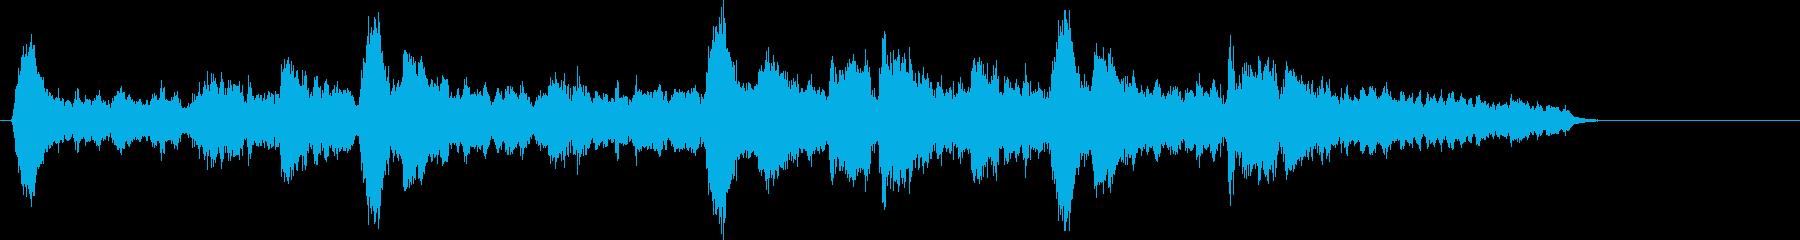 響きにインパクトのあるメロディーの再生済みの波形